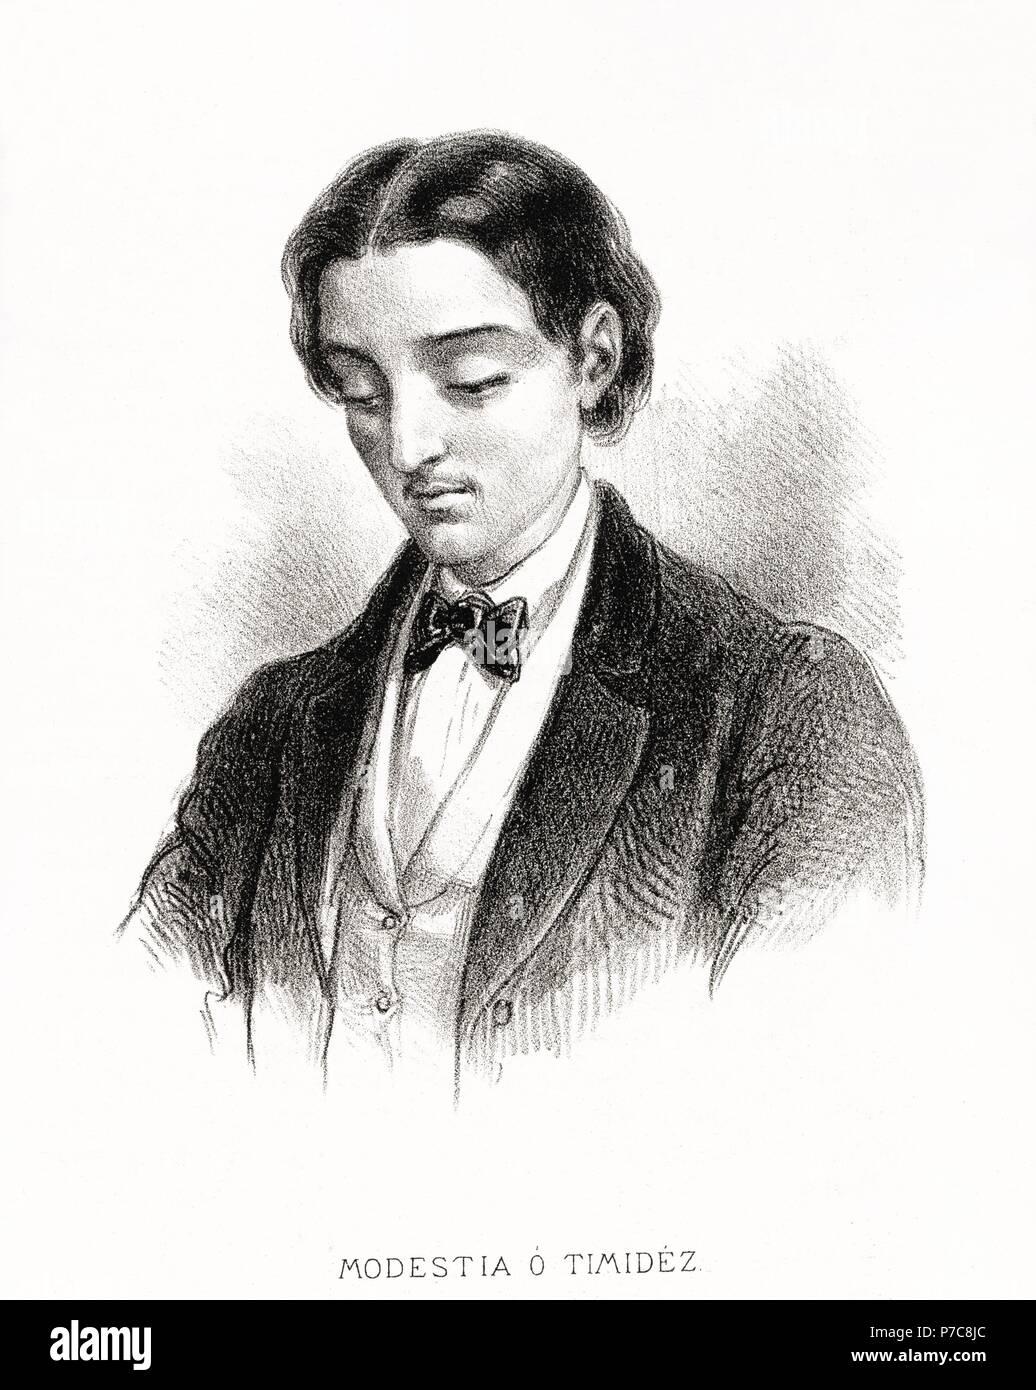 Carácteres del individuo. Hombre modesto o tímido. Grabado de 1870. Stock Photo